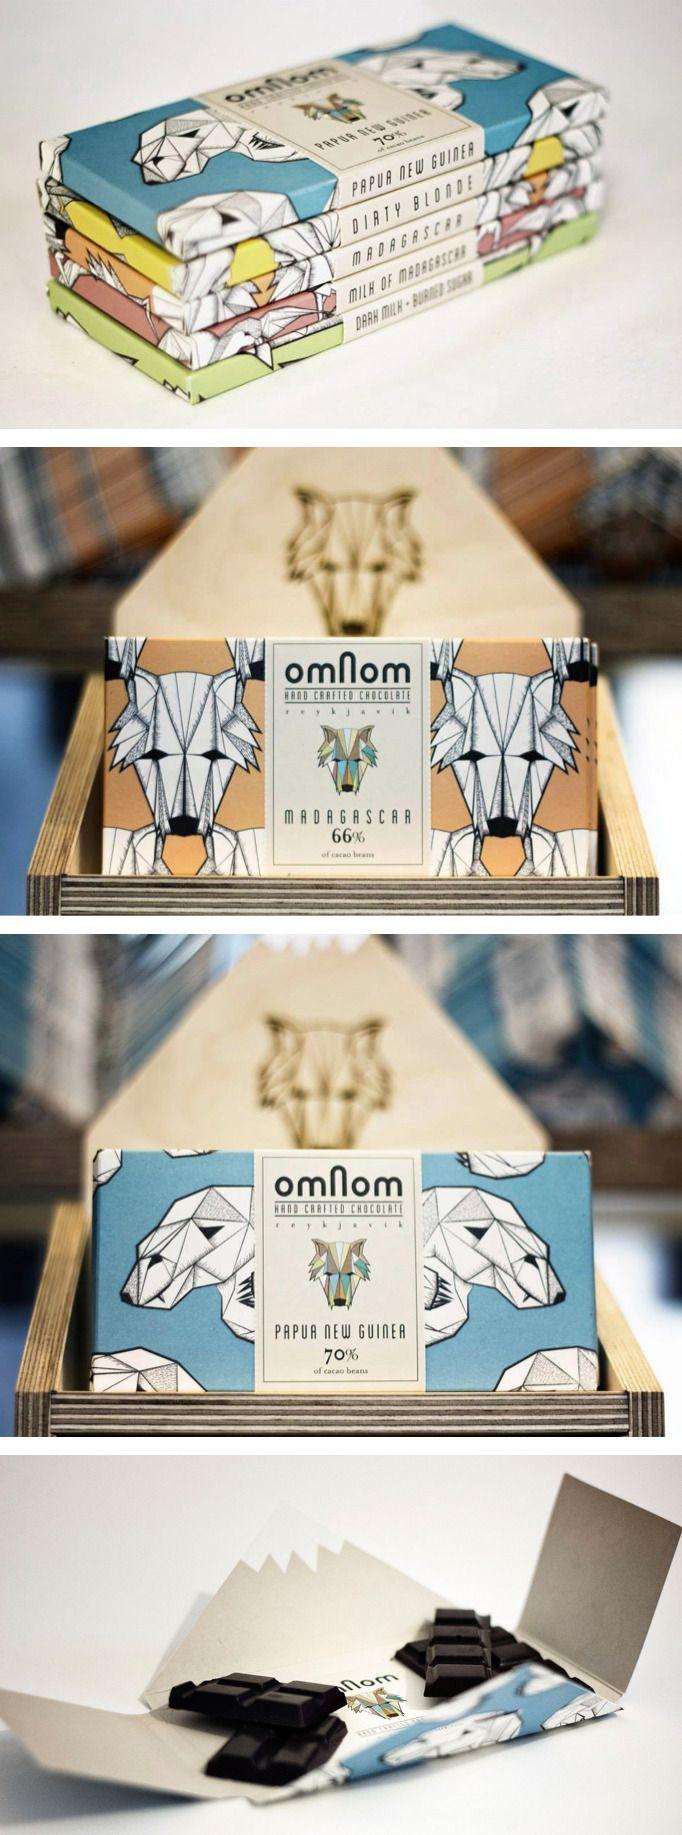 Omnom Handmade Chocolate | Packaging | Packaging design